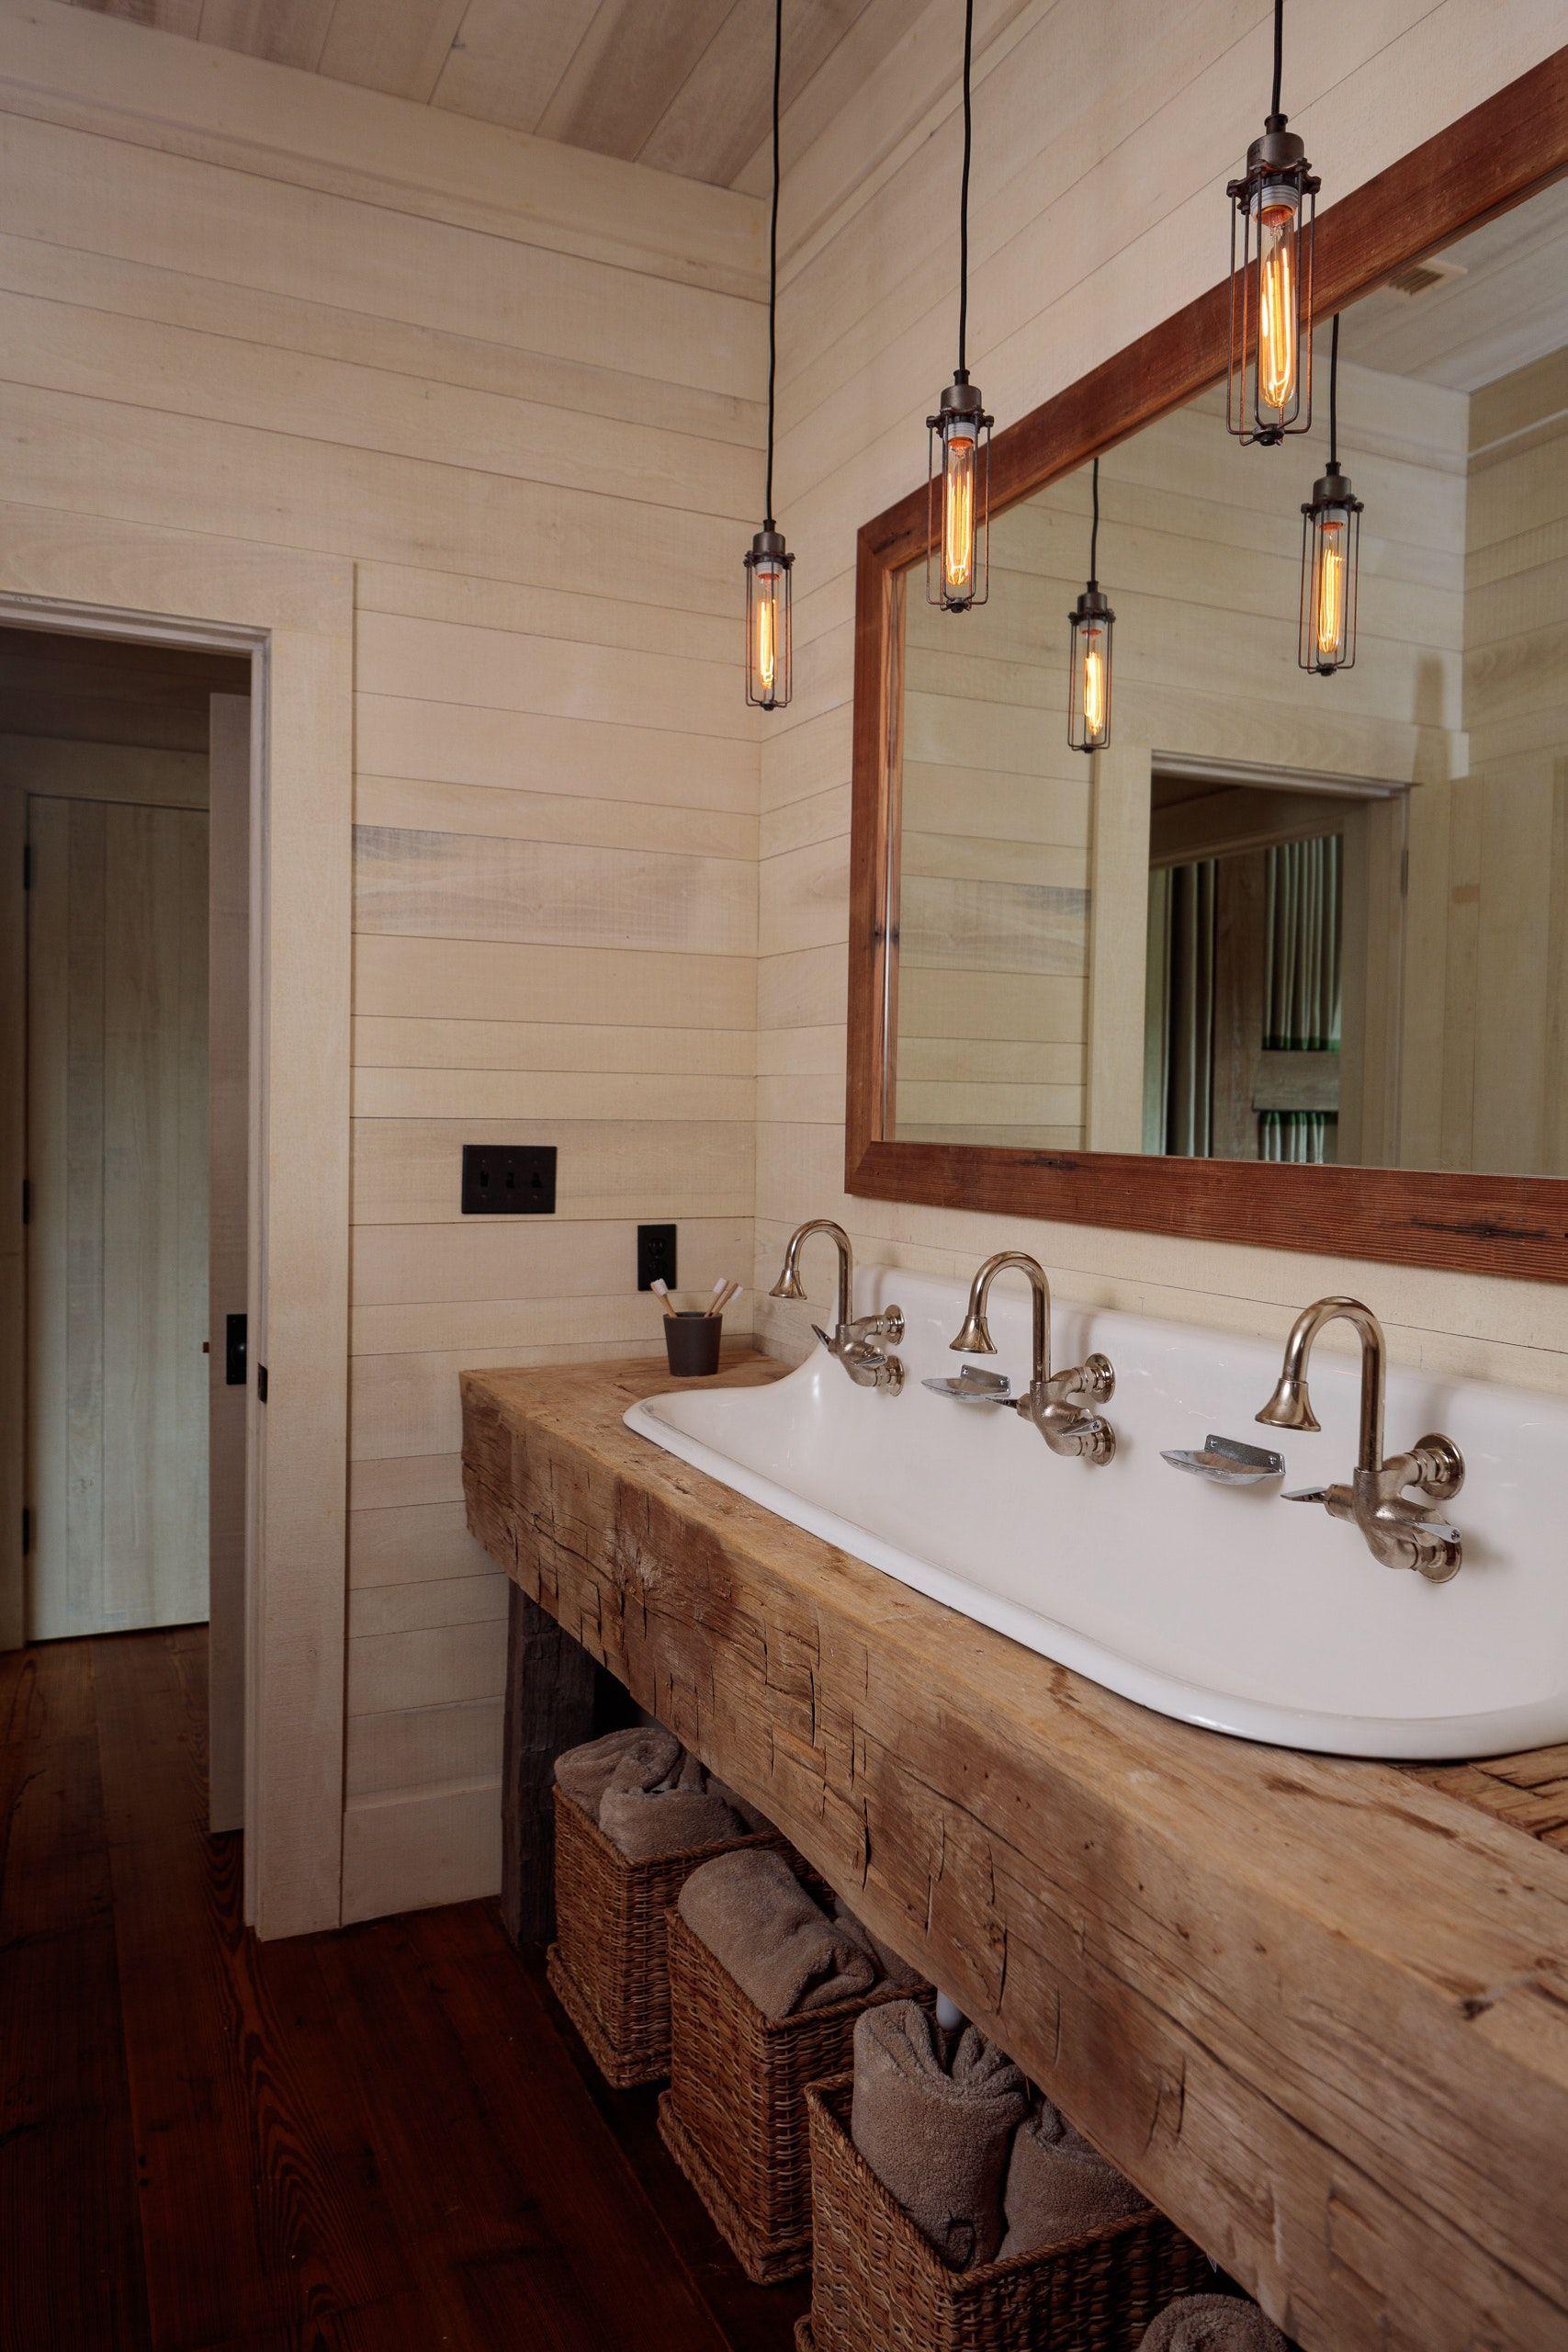 Badezimmer Der South Carolina Hunting Lodge Von The Design Atelier Lookbook Dering Hall Atelier Badezimmer Carolina Der Dering Desi In 2020 Lodge Bathroom Hunting Lodge Decor Hunting Cabin Decor